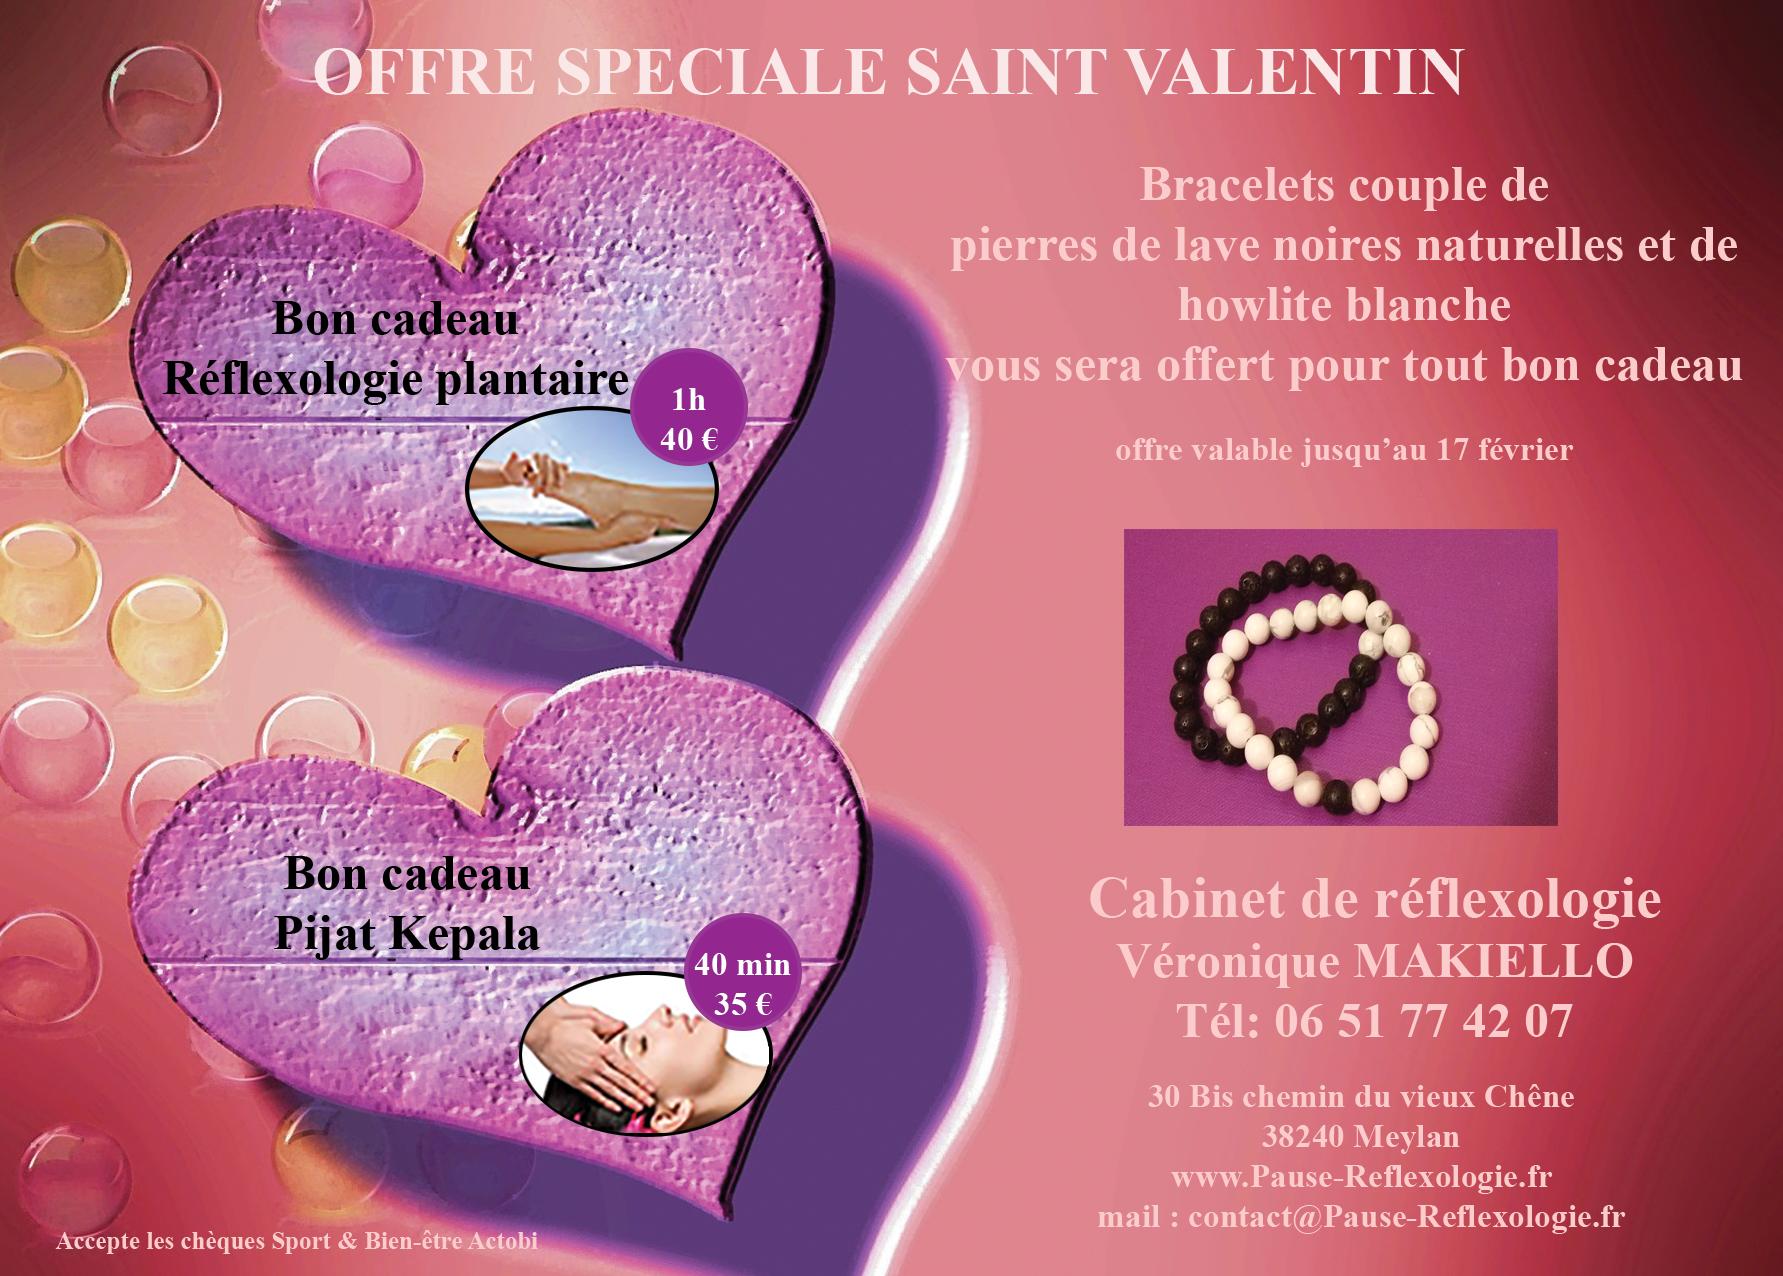 Idée cadeau pour la saint Valentin : réflexologie, massage, détente, relaxation, bien-être à Meylan, près de Grenoble, Isère